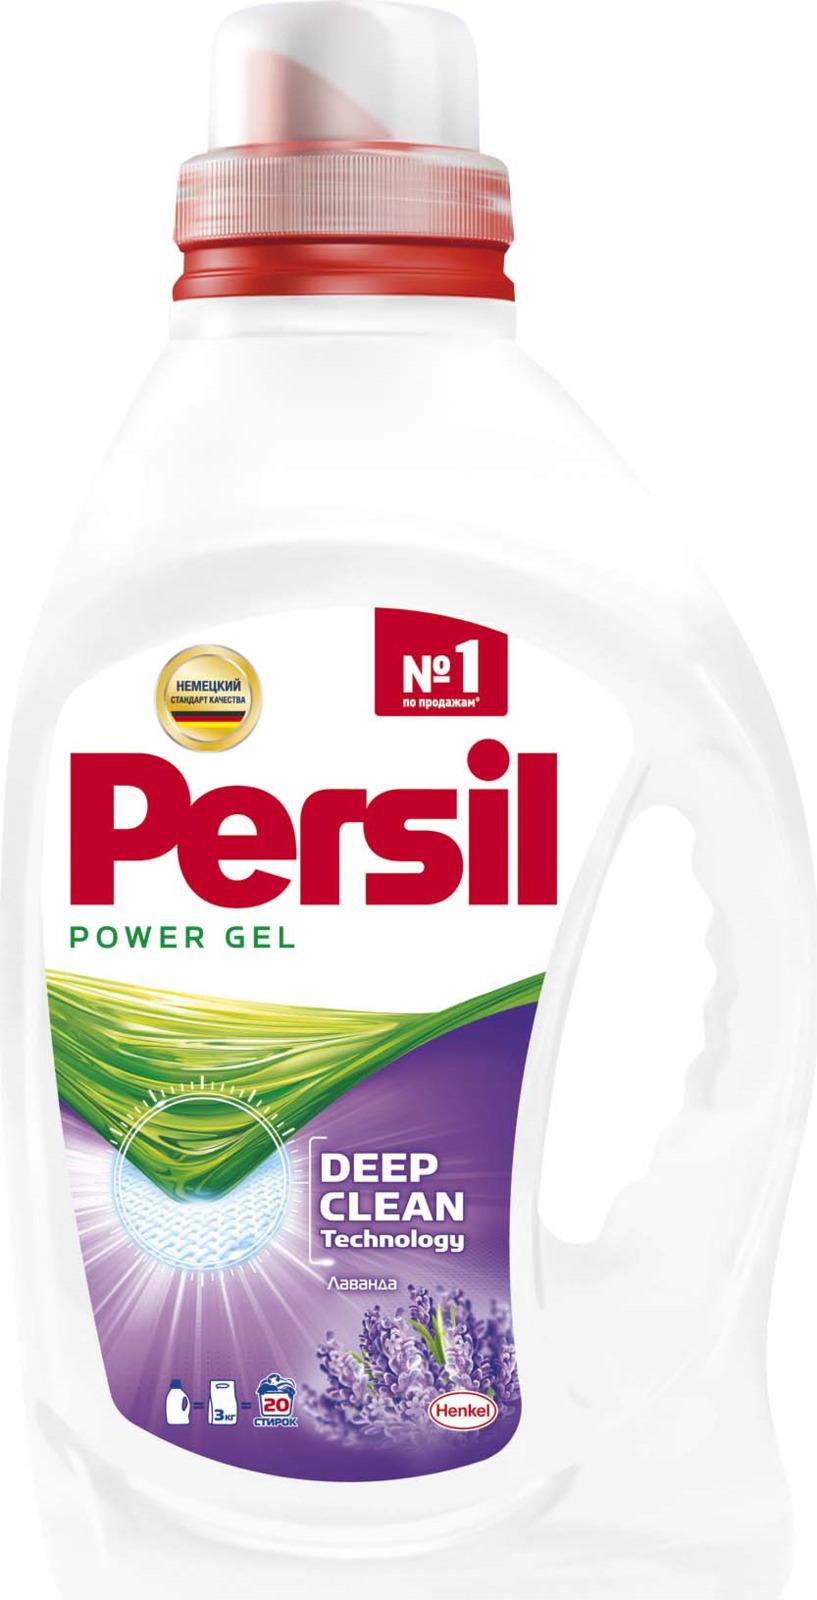 Жидкое средство для стирки Persil Лаванда, 2453840, 1,3 л persil средство для стирки power gel лаванда универсальное 1 46 л